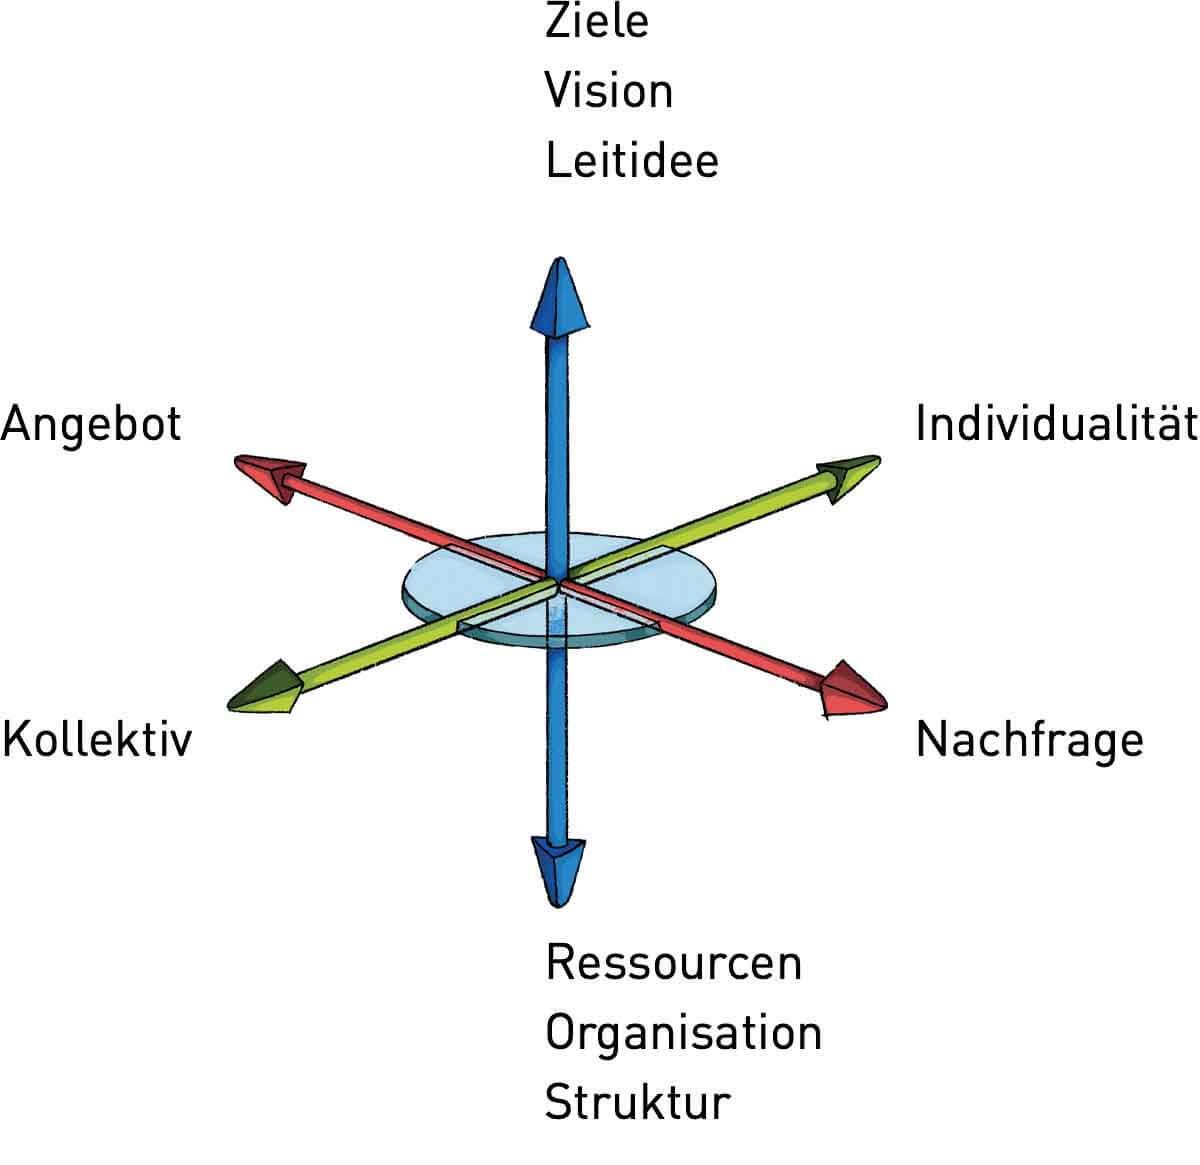 Kompetenzmodell nach Oosterhof